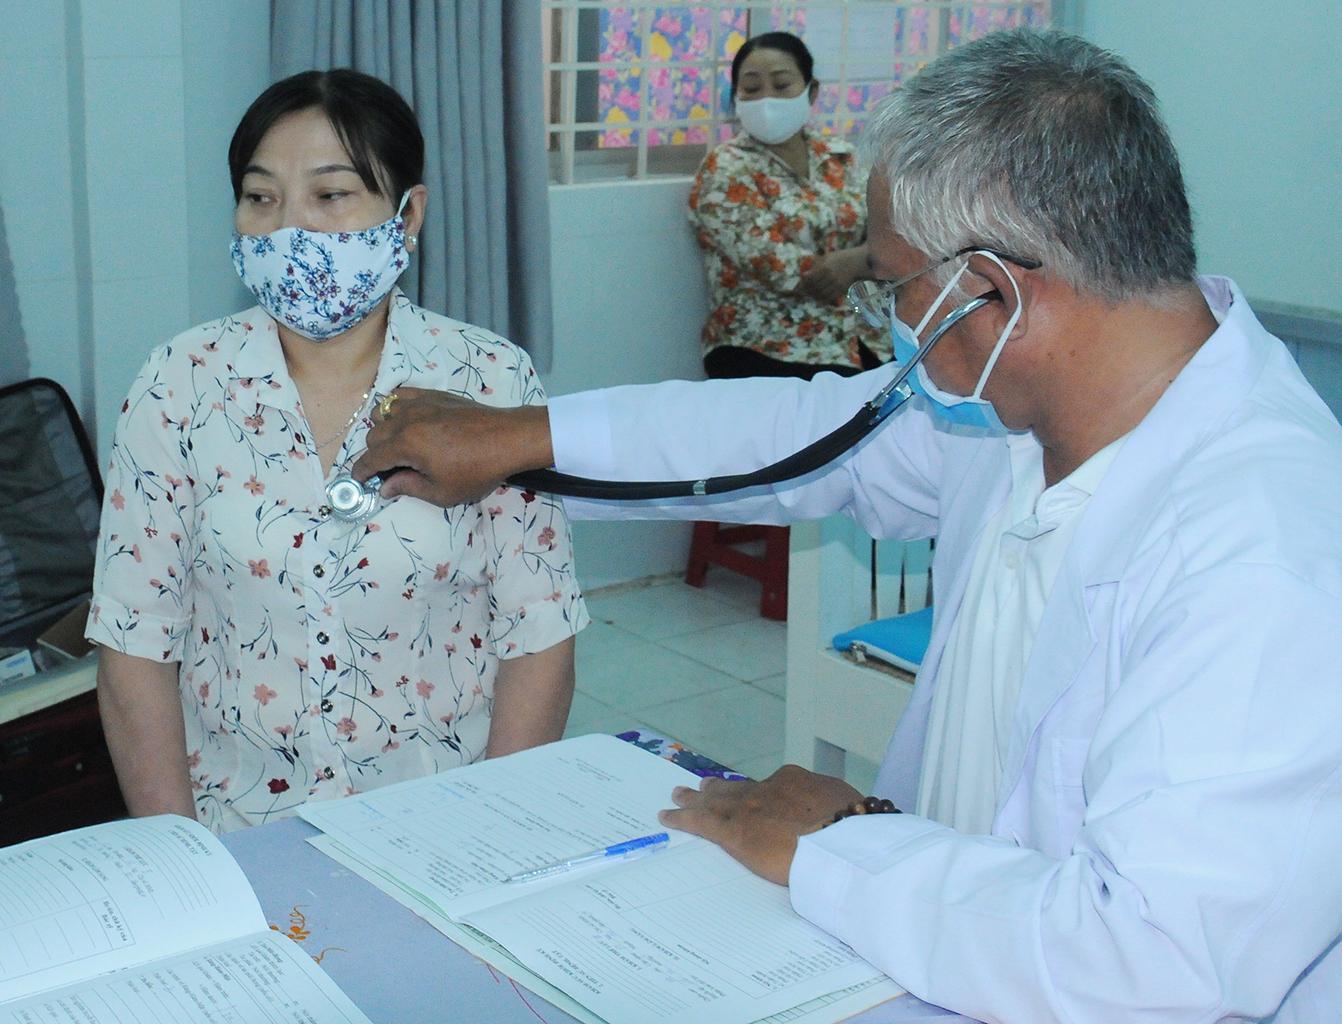 Chăm sóc sức khỏe cho công nhân, lao động là nhu cầu thiết thực